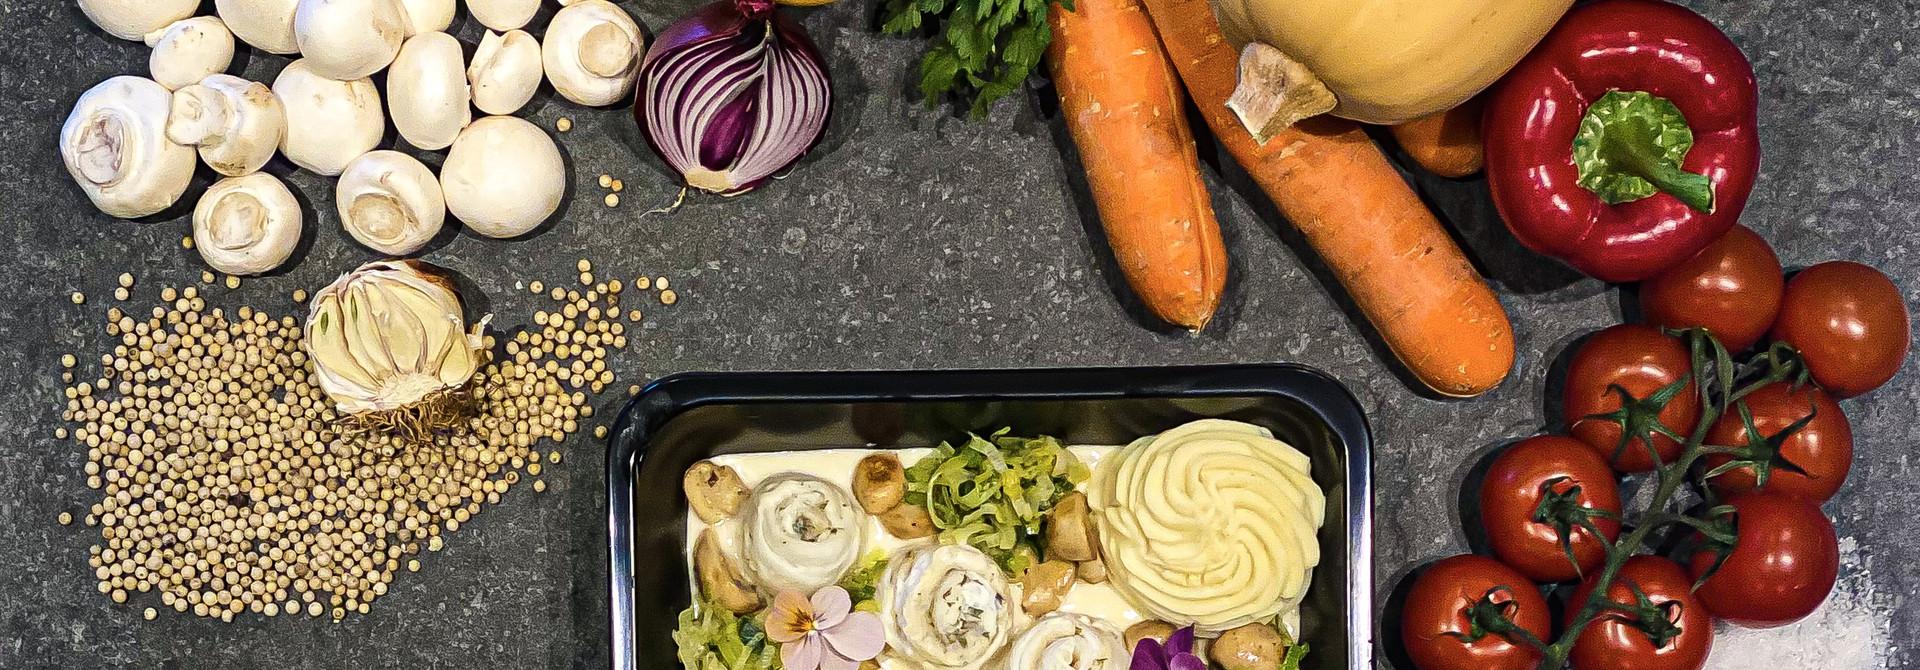 Tongrolletjes in wittewijnsaus met groenten en puree